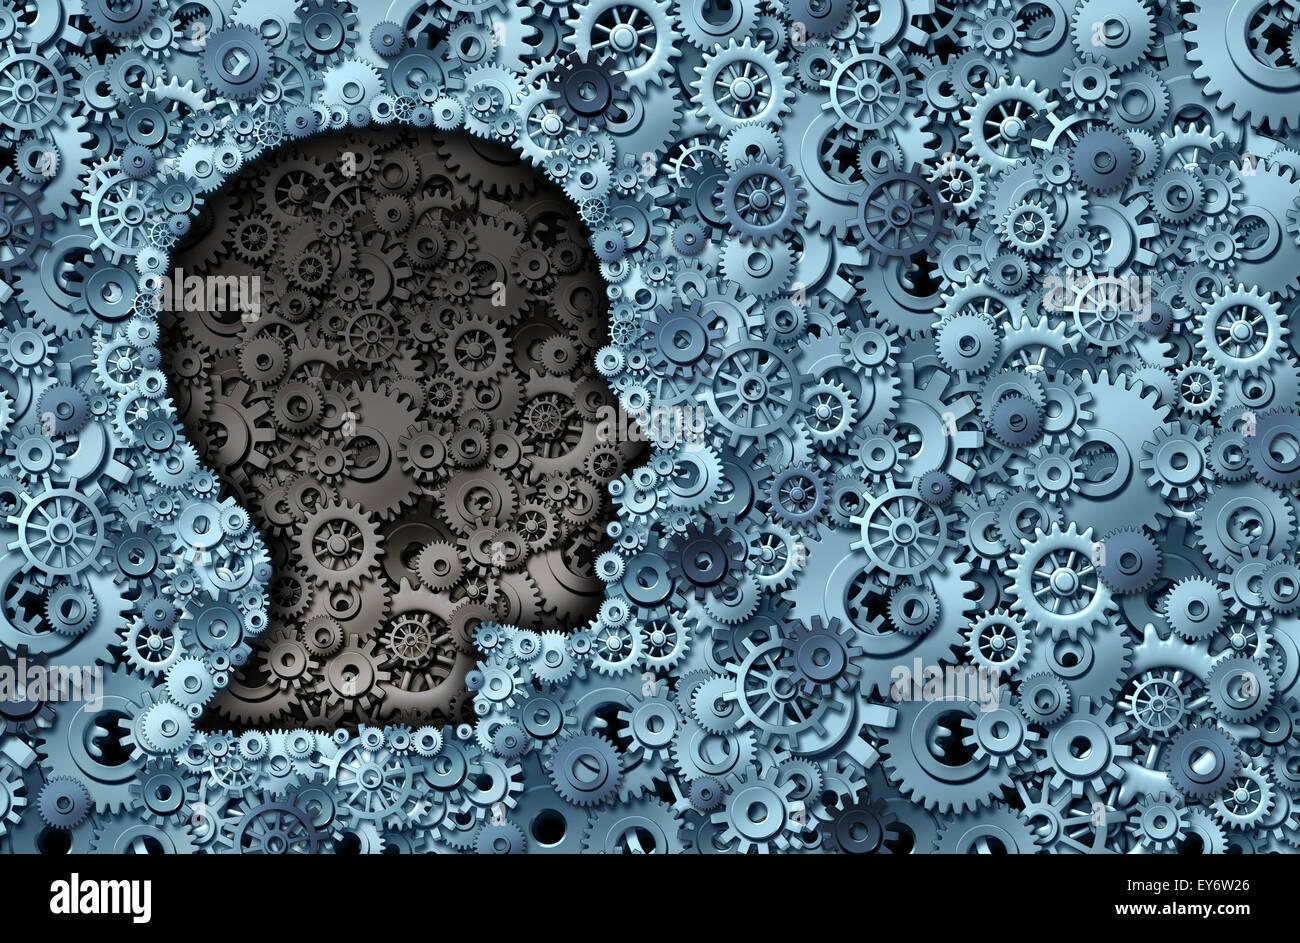 Macchina di intelligence e il cervello umano come un modo di pensare la tecnologia della macchina o di neurologia simbolo medico con una testa forma resa dei denti degli ingranaggi e che rappresenta la strategia psicologica e mentale attività neurologiche. Foto Stock